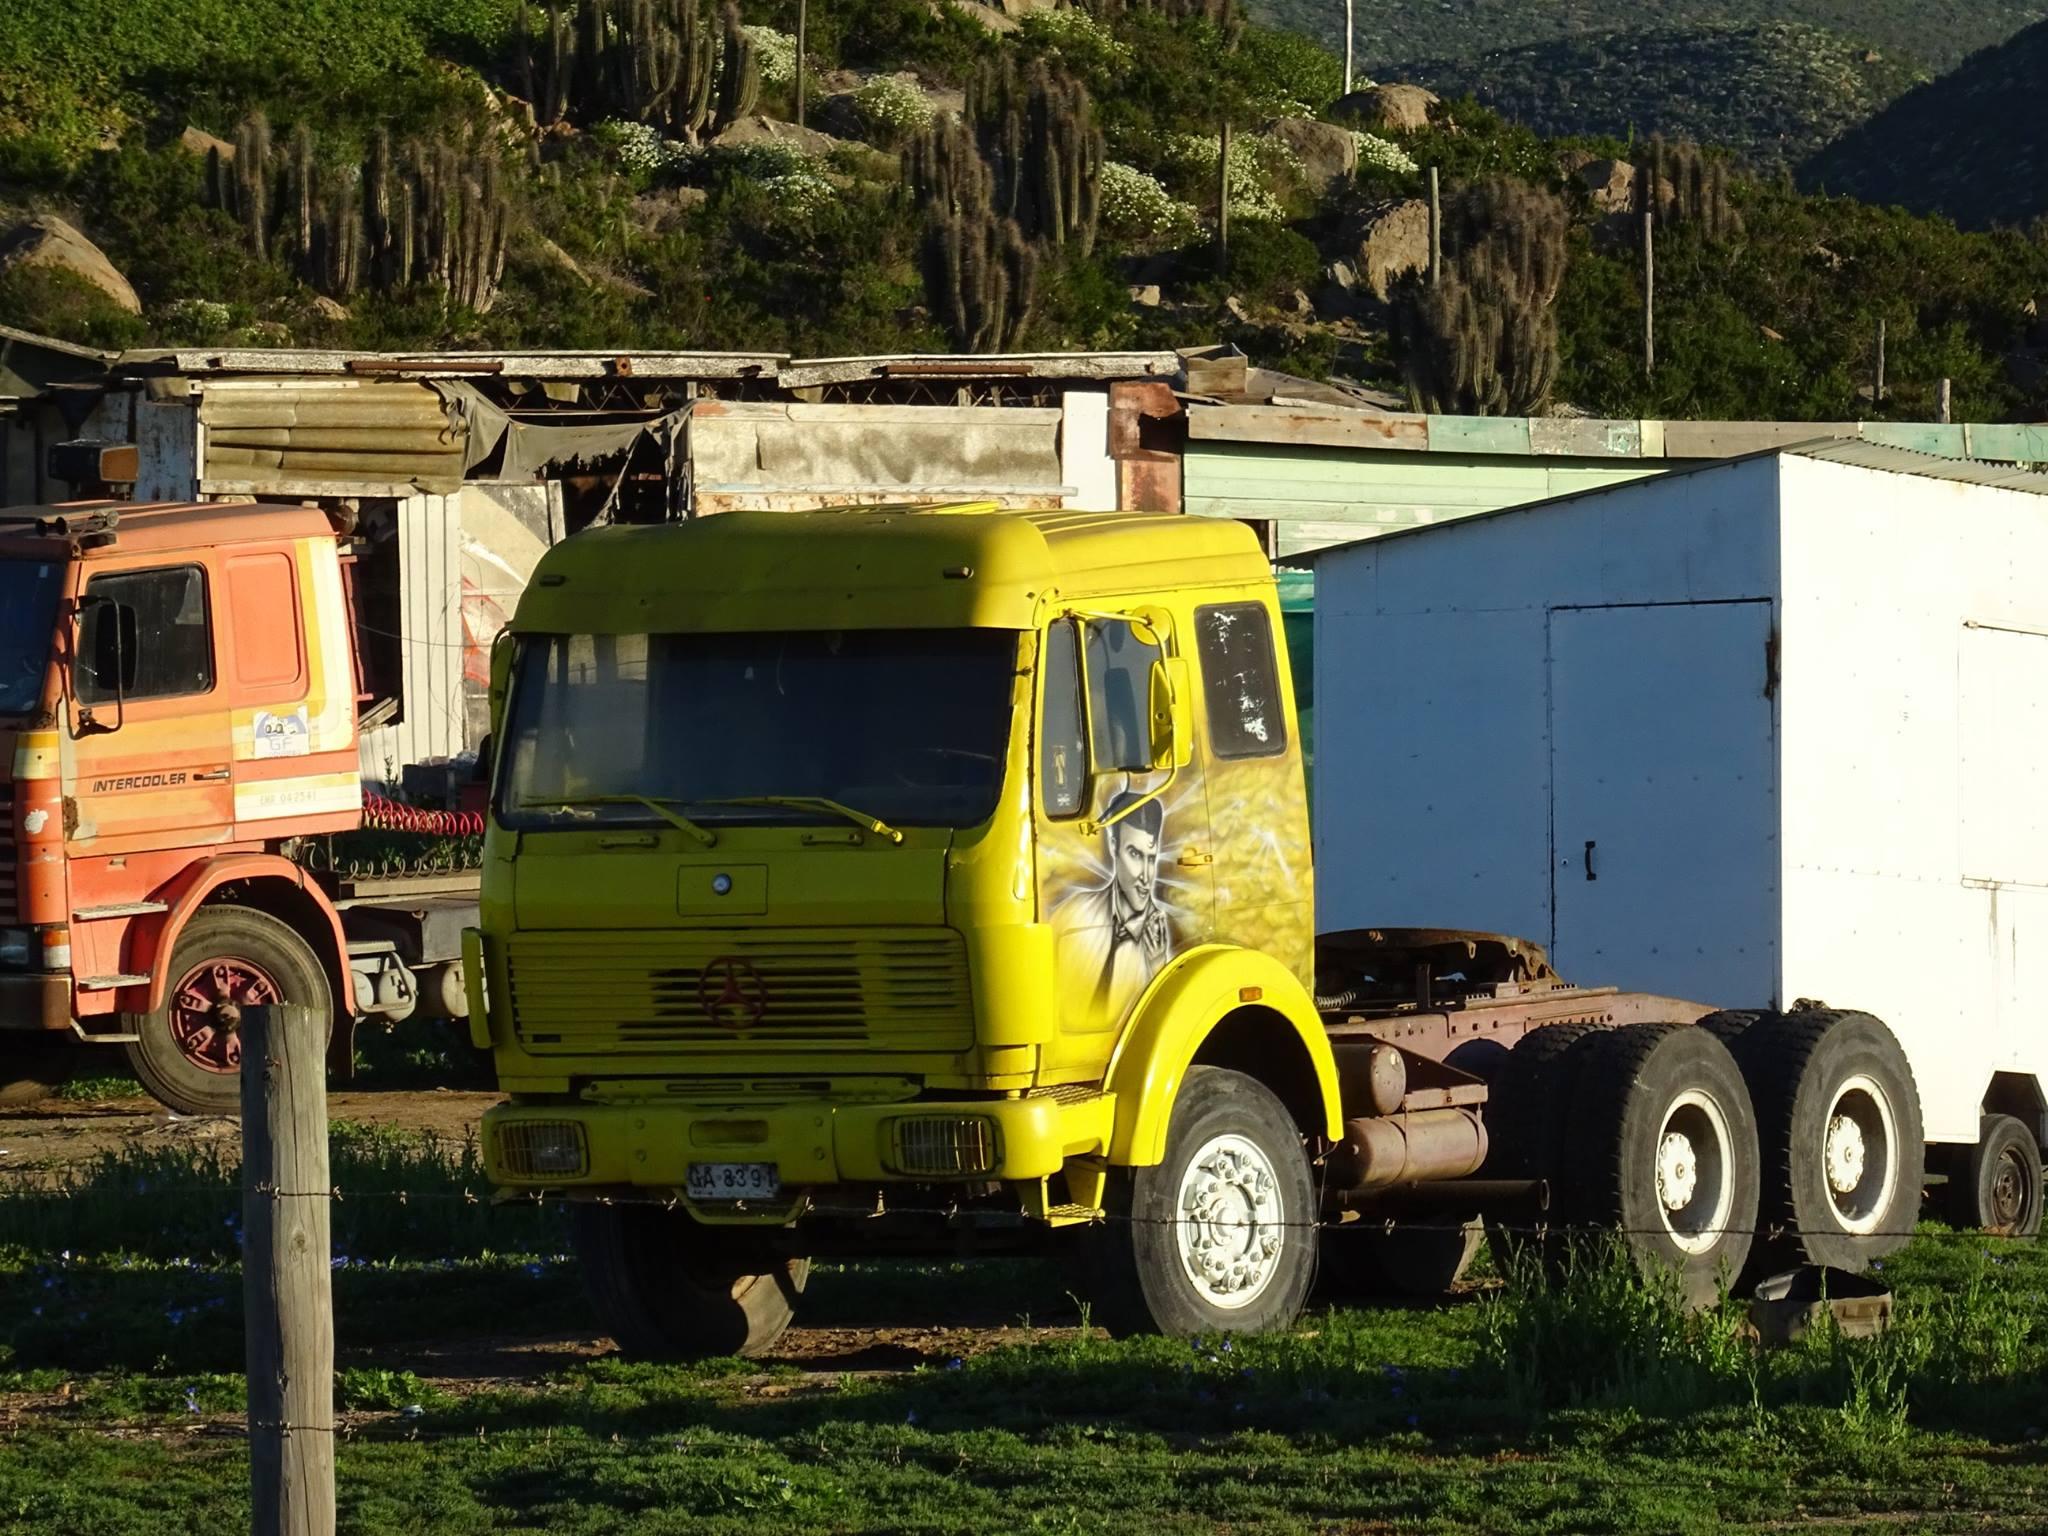 Camiones-vieja-escuela-olvidados-38